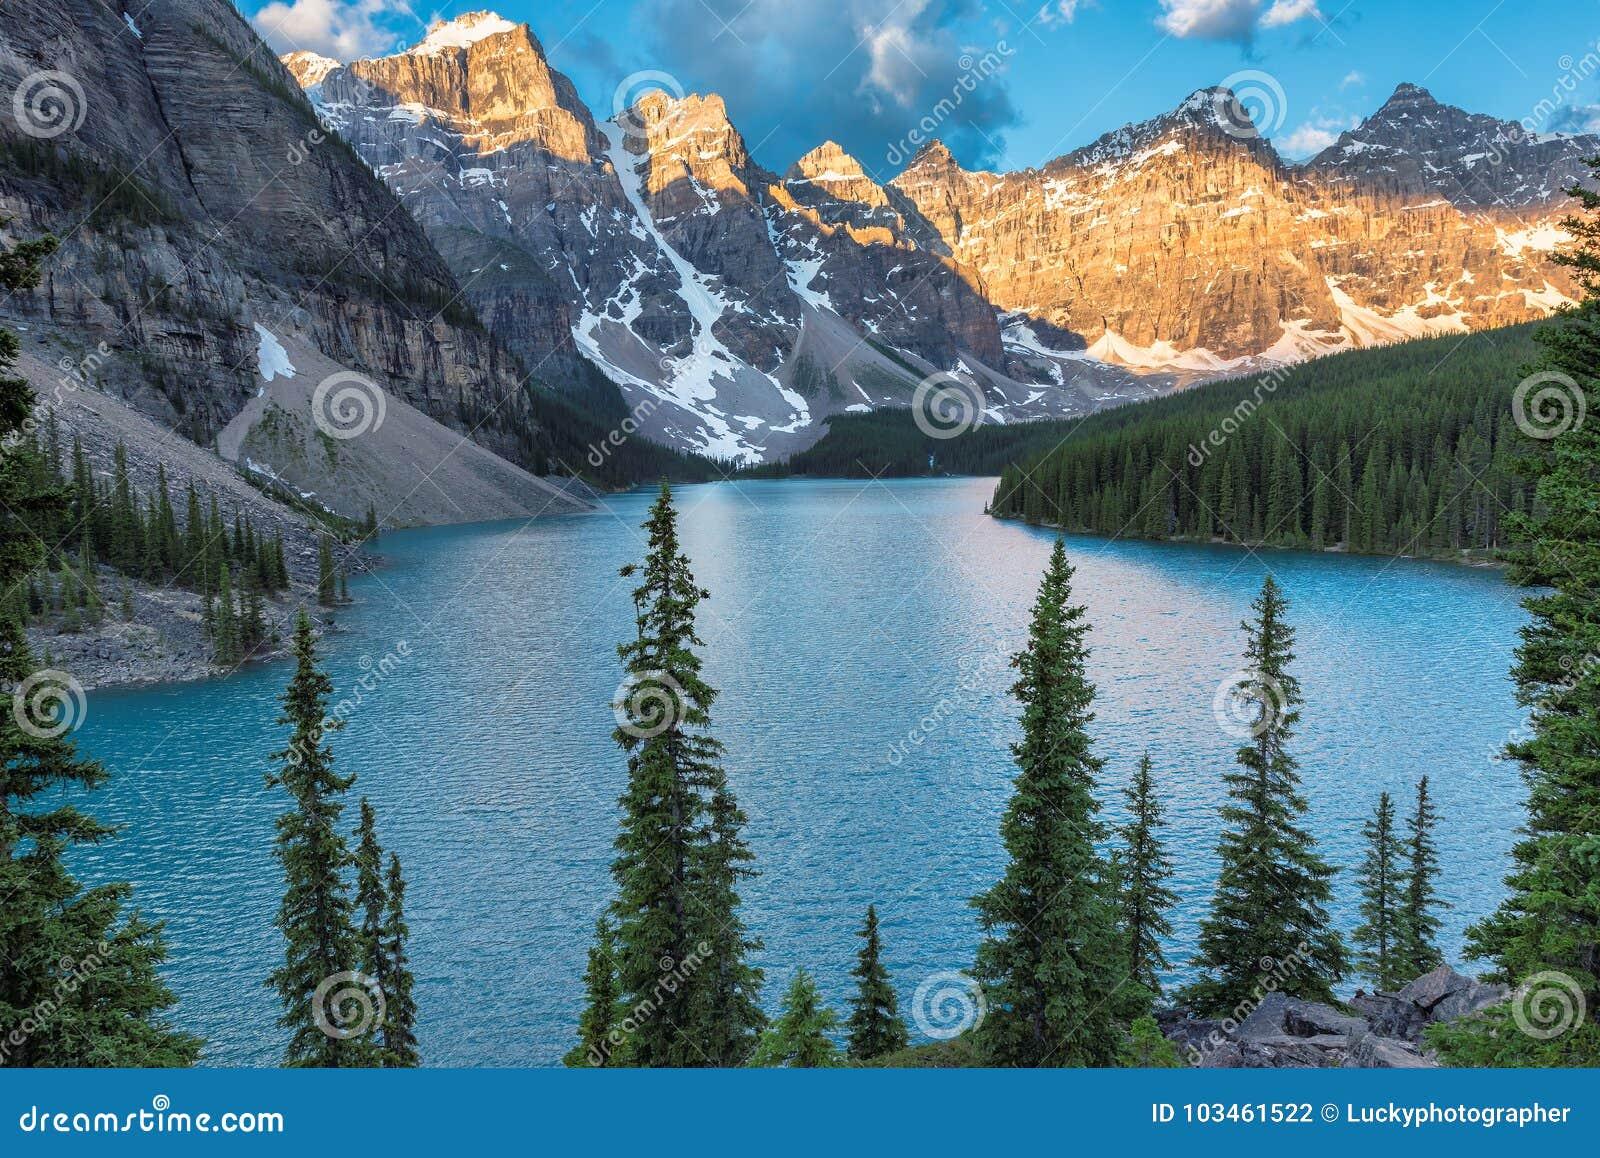 Lac moraine en stationnement national de Banff, Canada